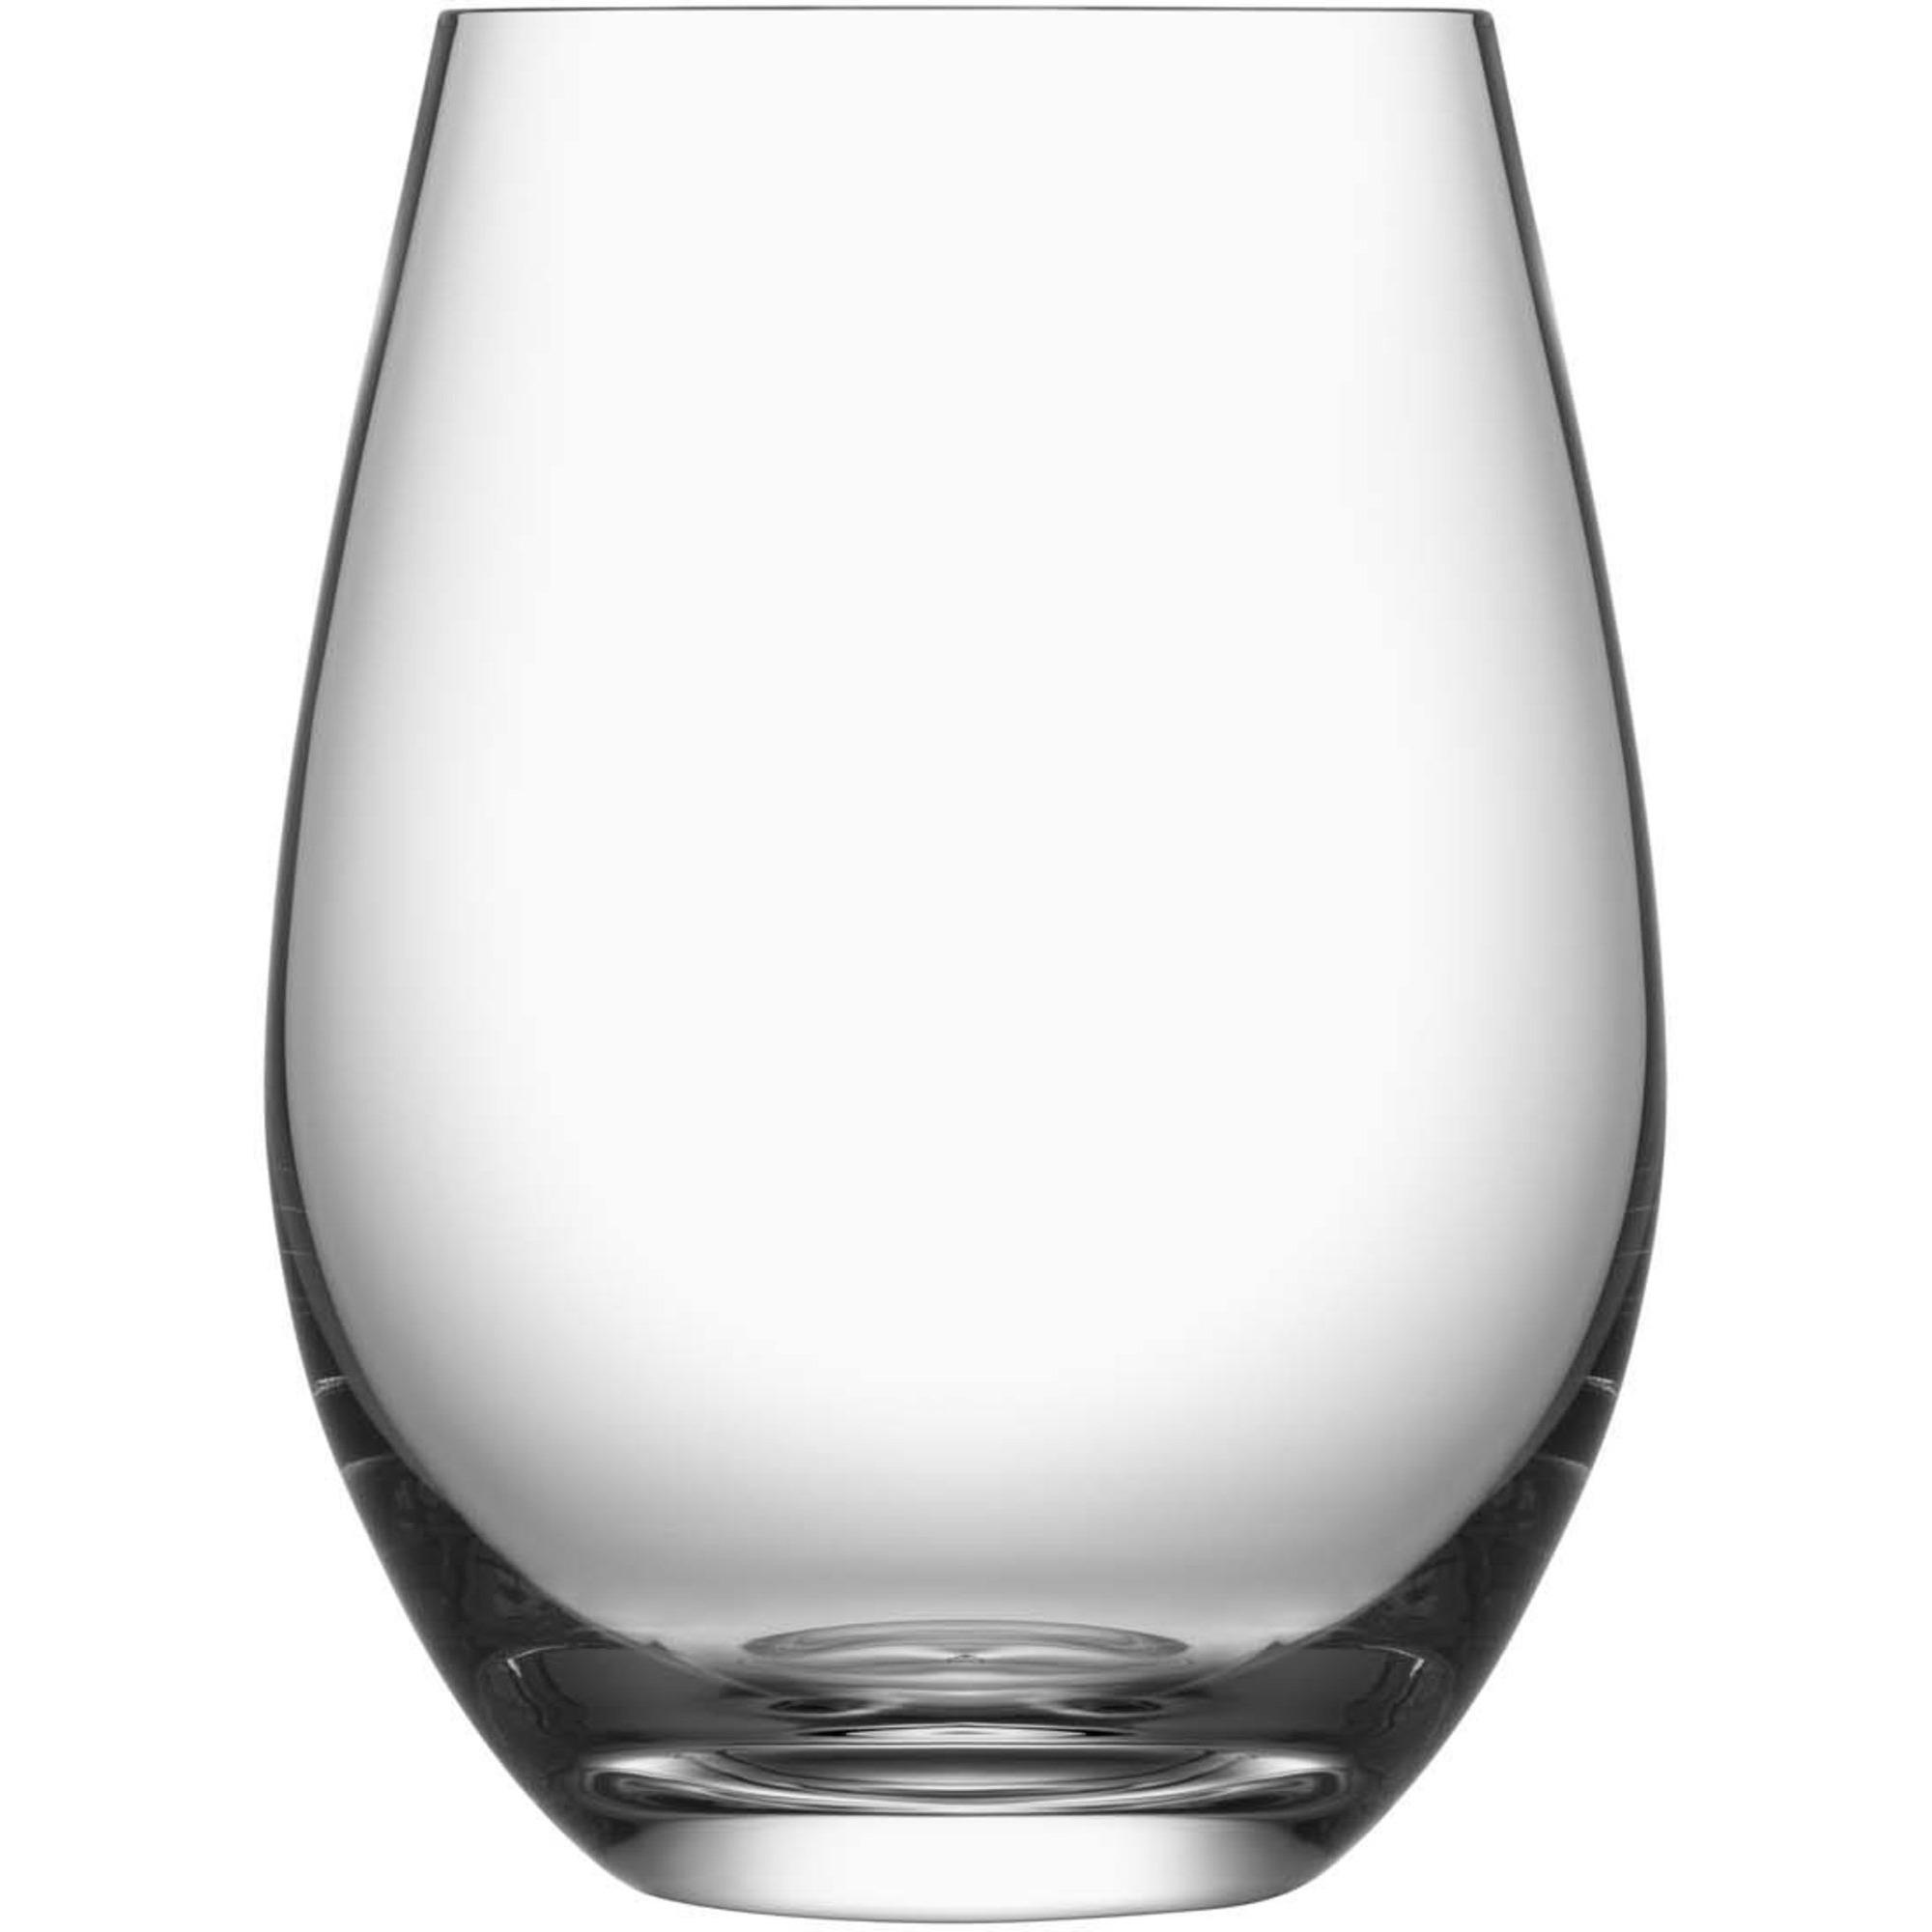 Orrefors Zephyr Vattenglas 32 cl